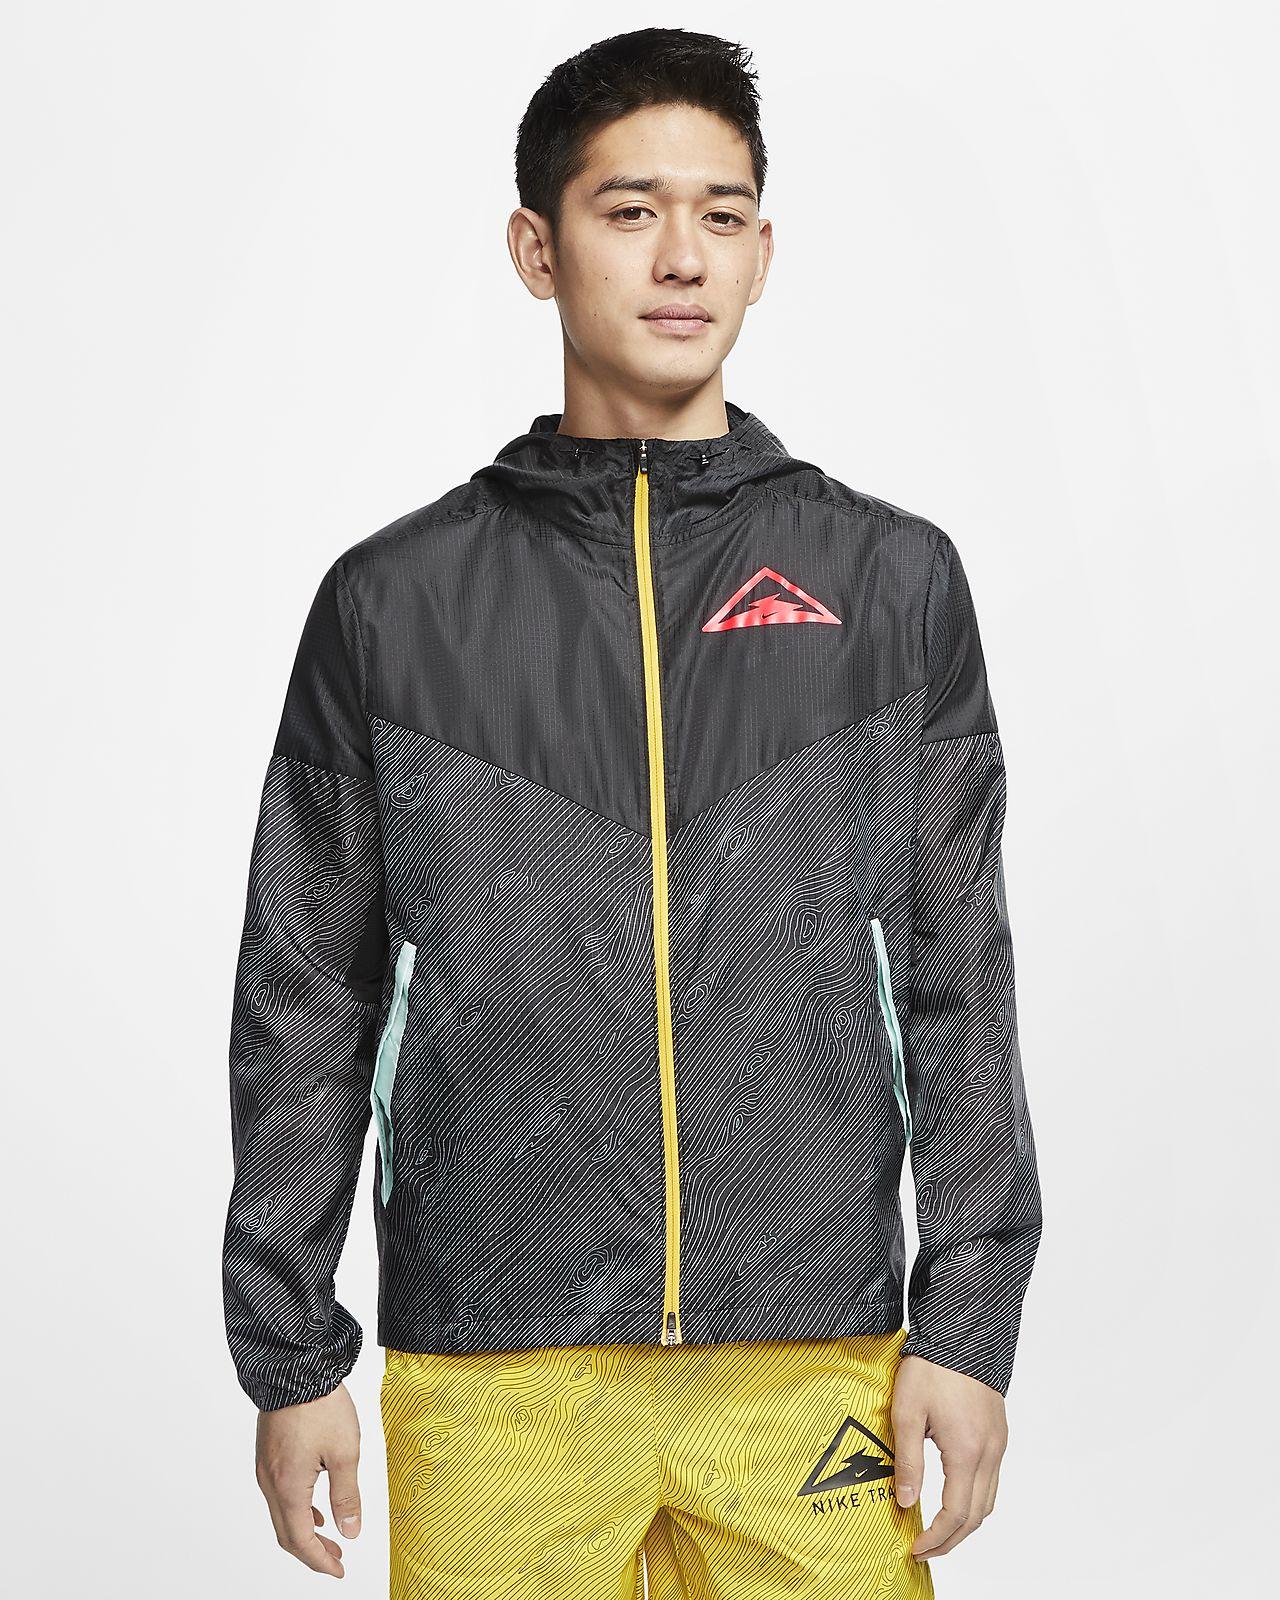 ナイキ ウィンドランナー メンズ フーデッド トレイル ランニングジャケット